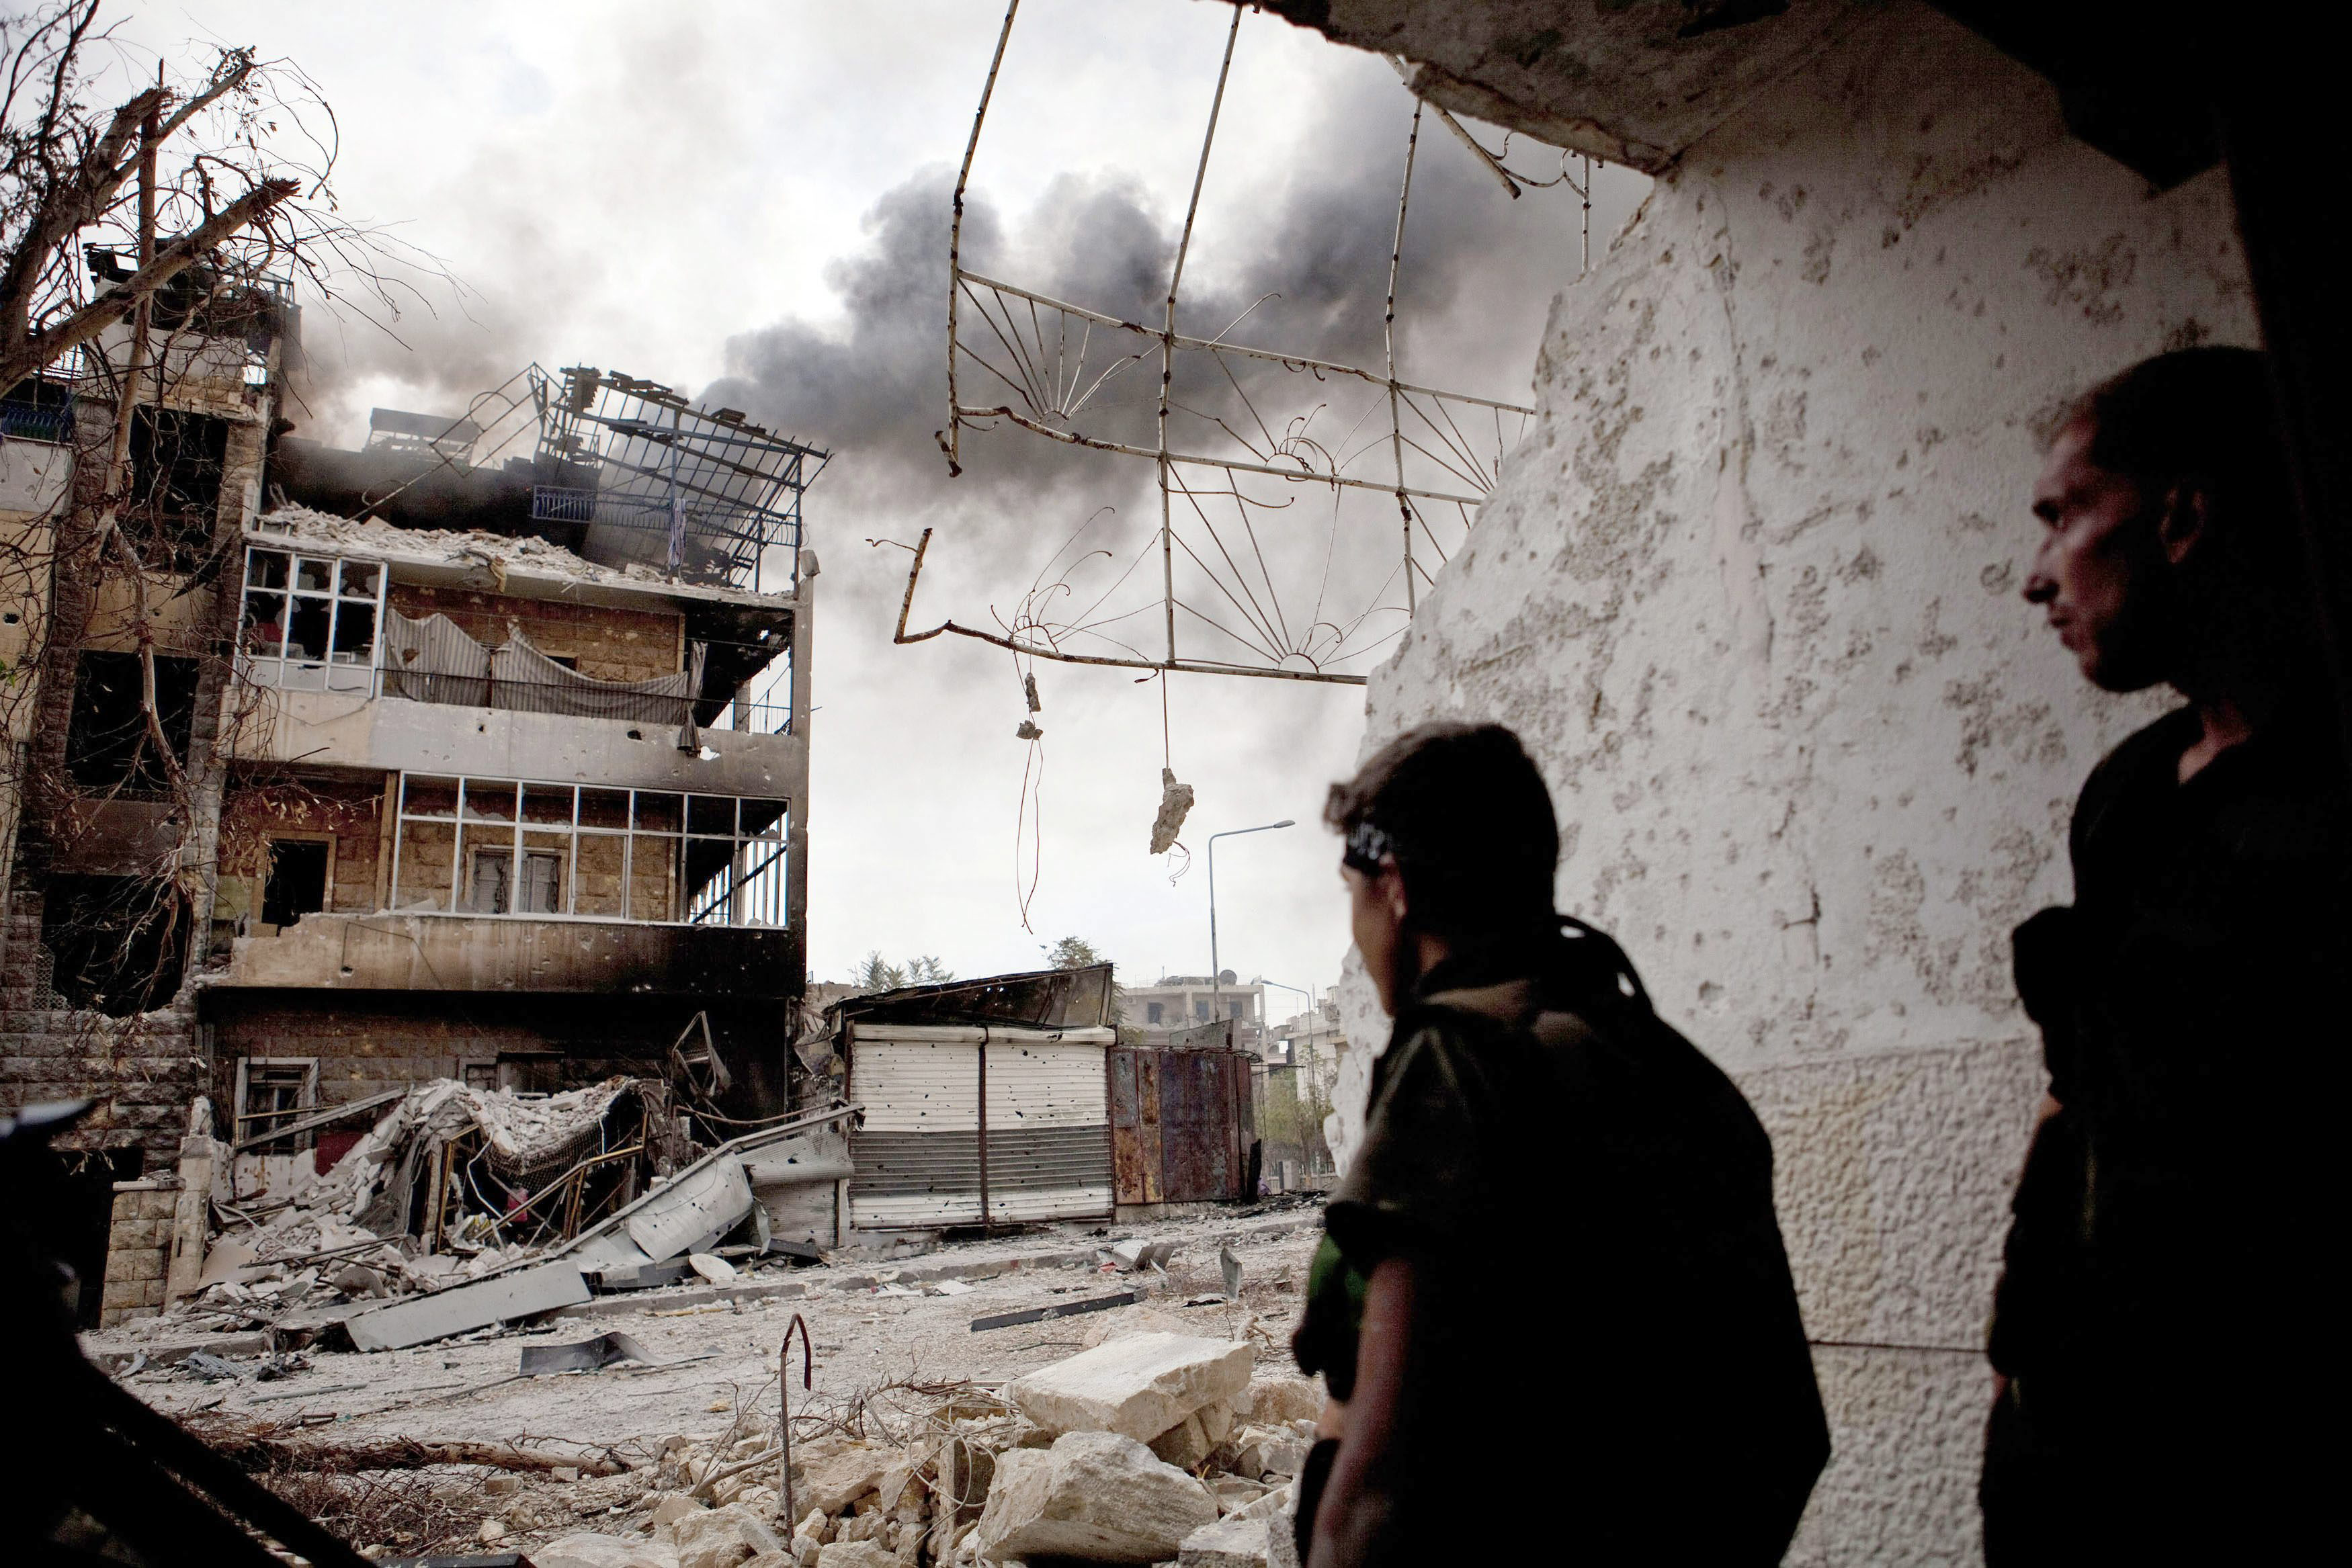 El Ejército y los rebeldes se enfrentan en los alrededores del Palacio de Justicia